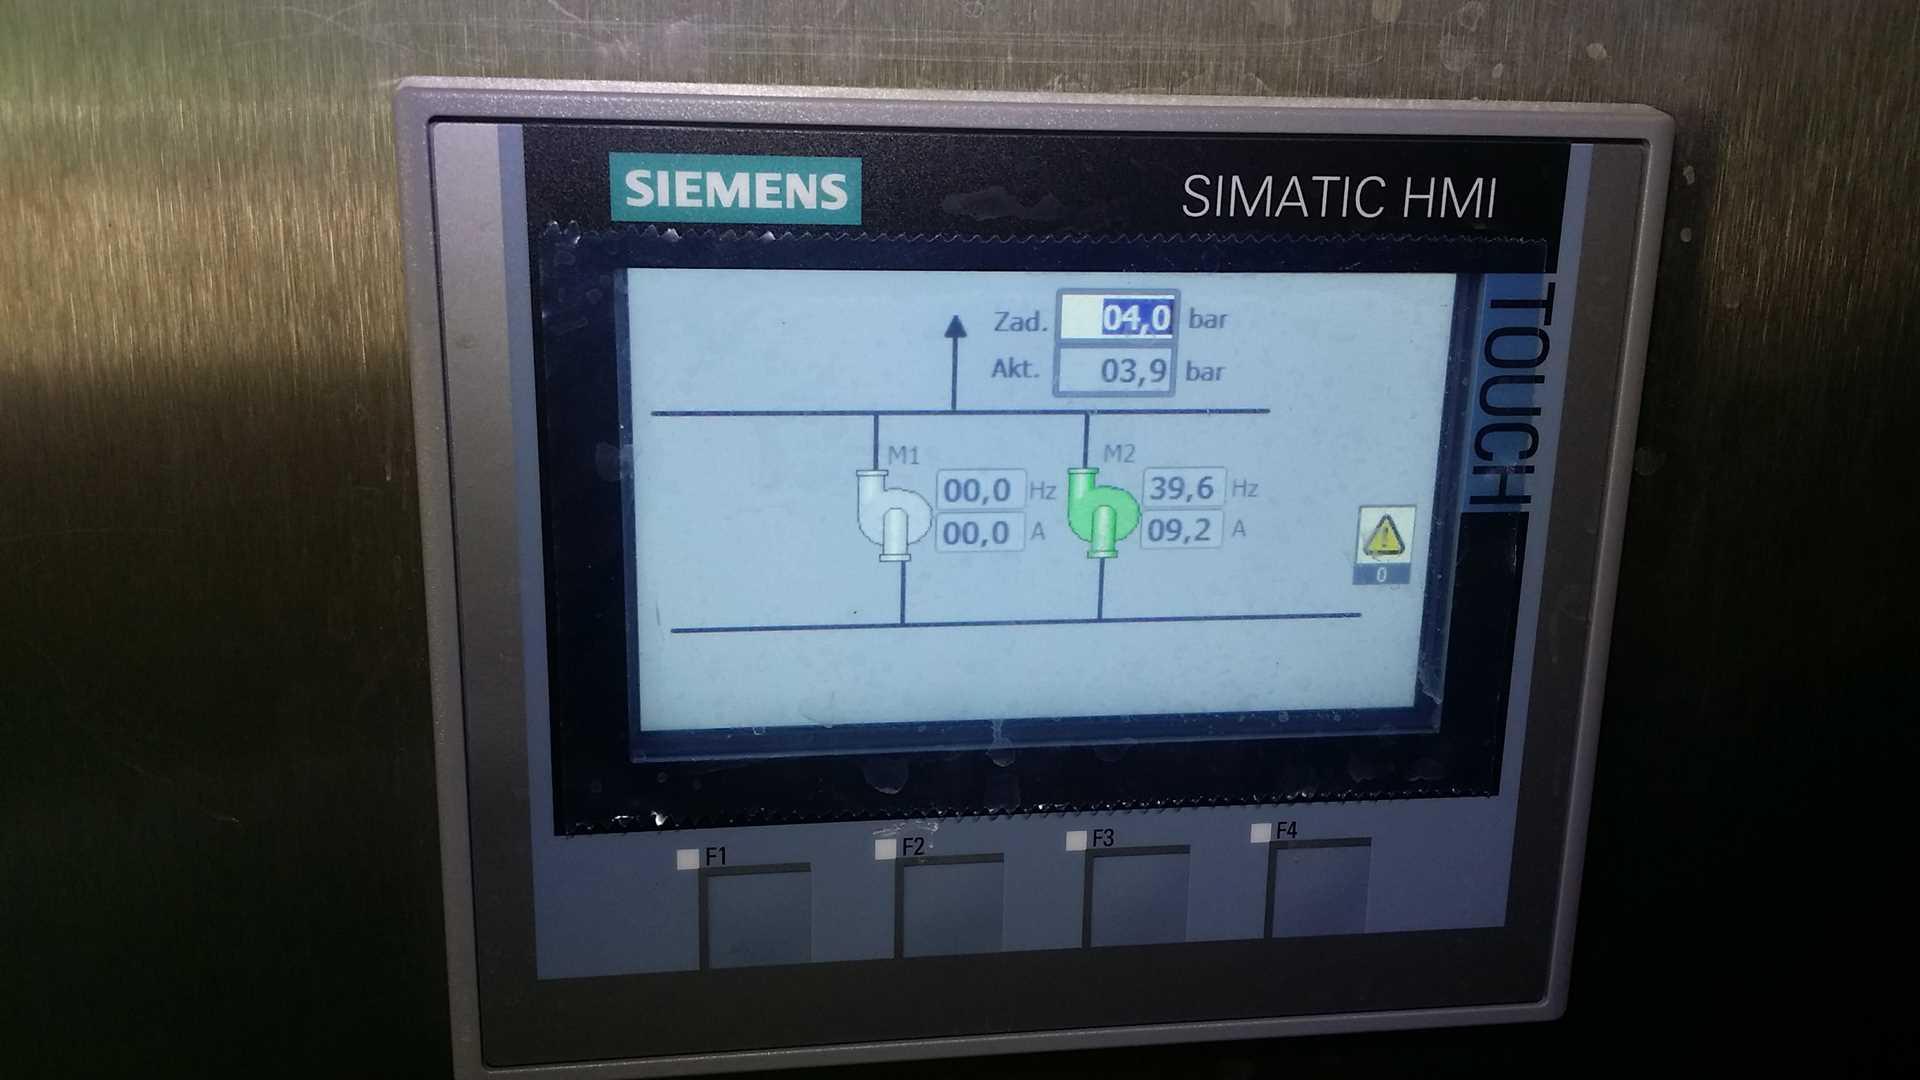 Panel HMI - wizualizacja zestawu hydroforowego